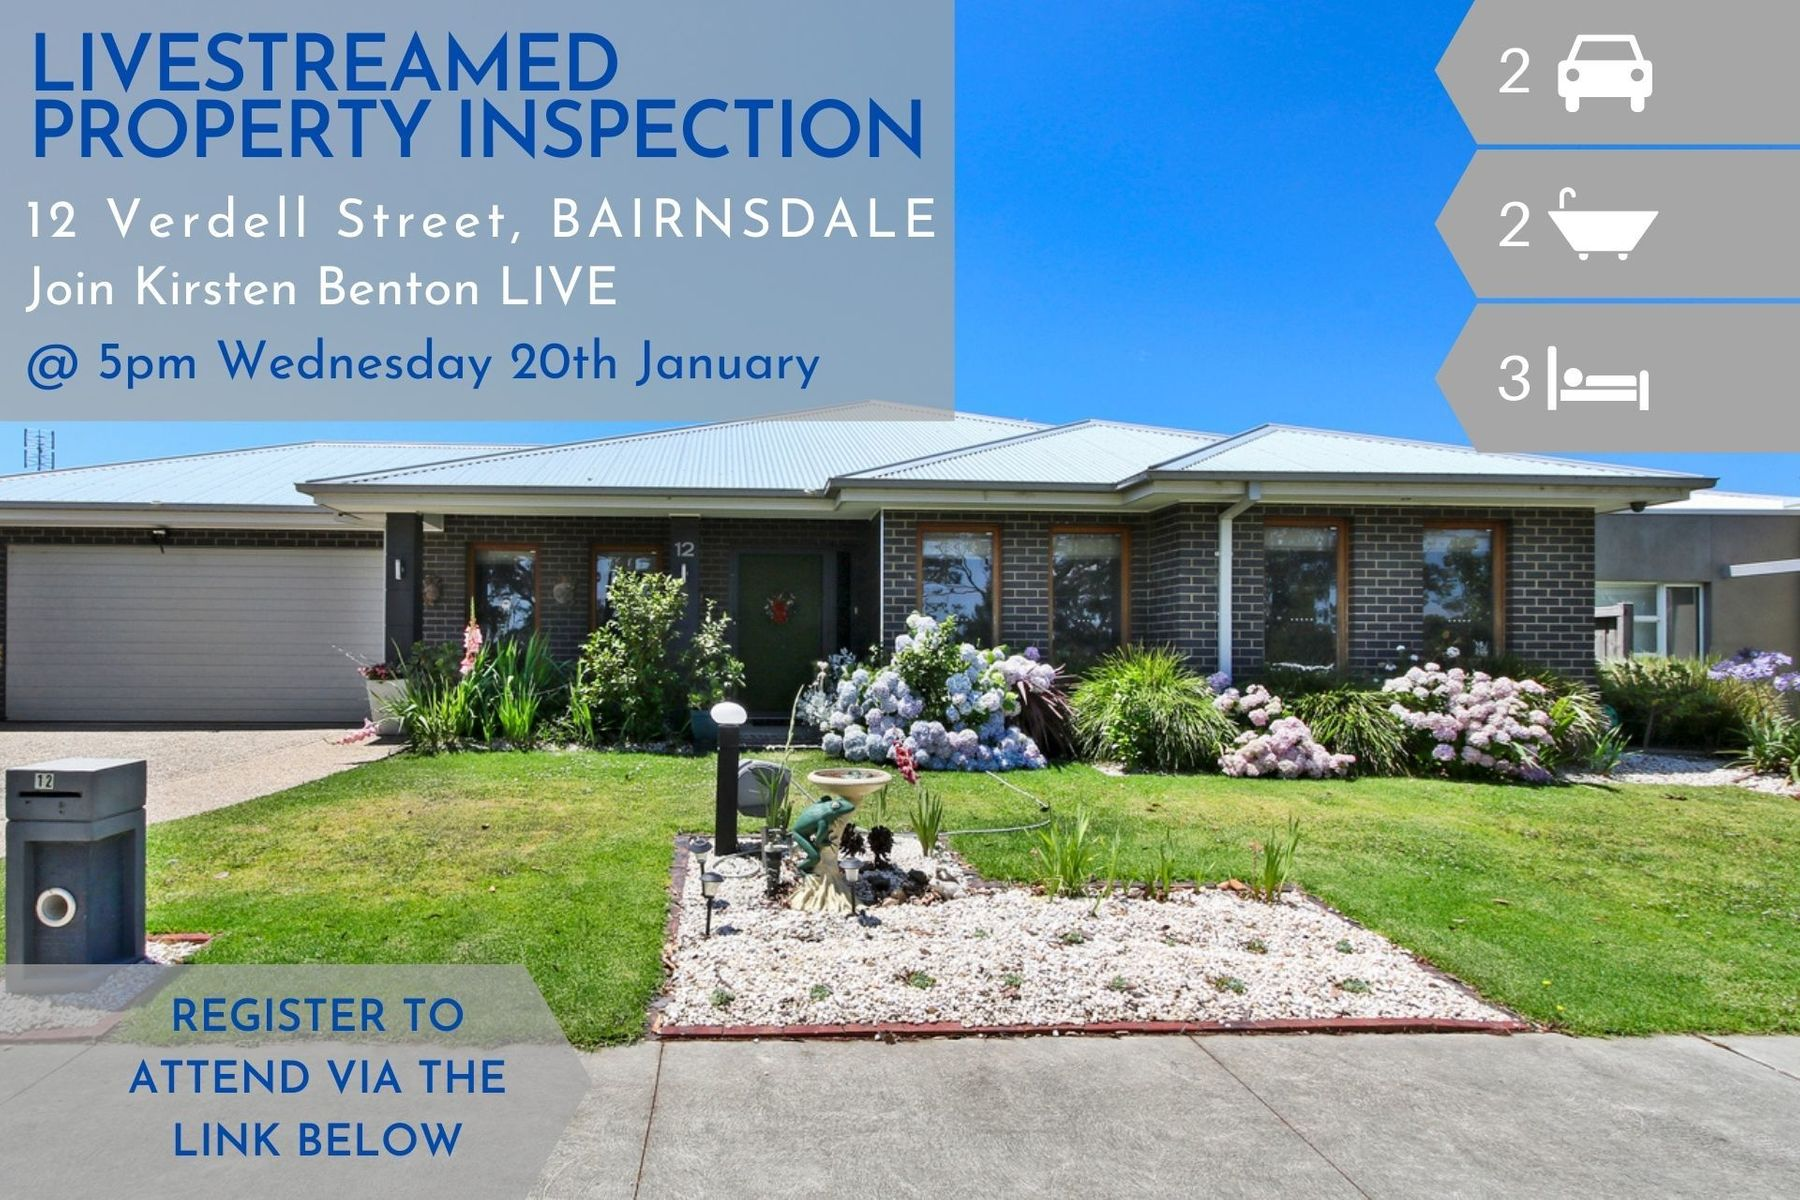 12 Verdell Street, Bairnsdale, VIC 3875